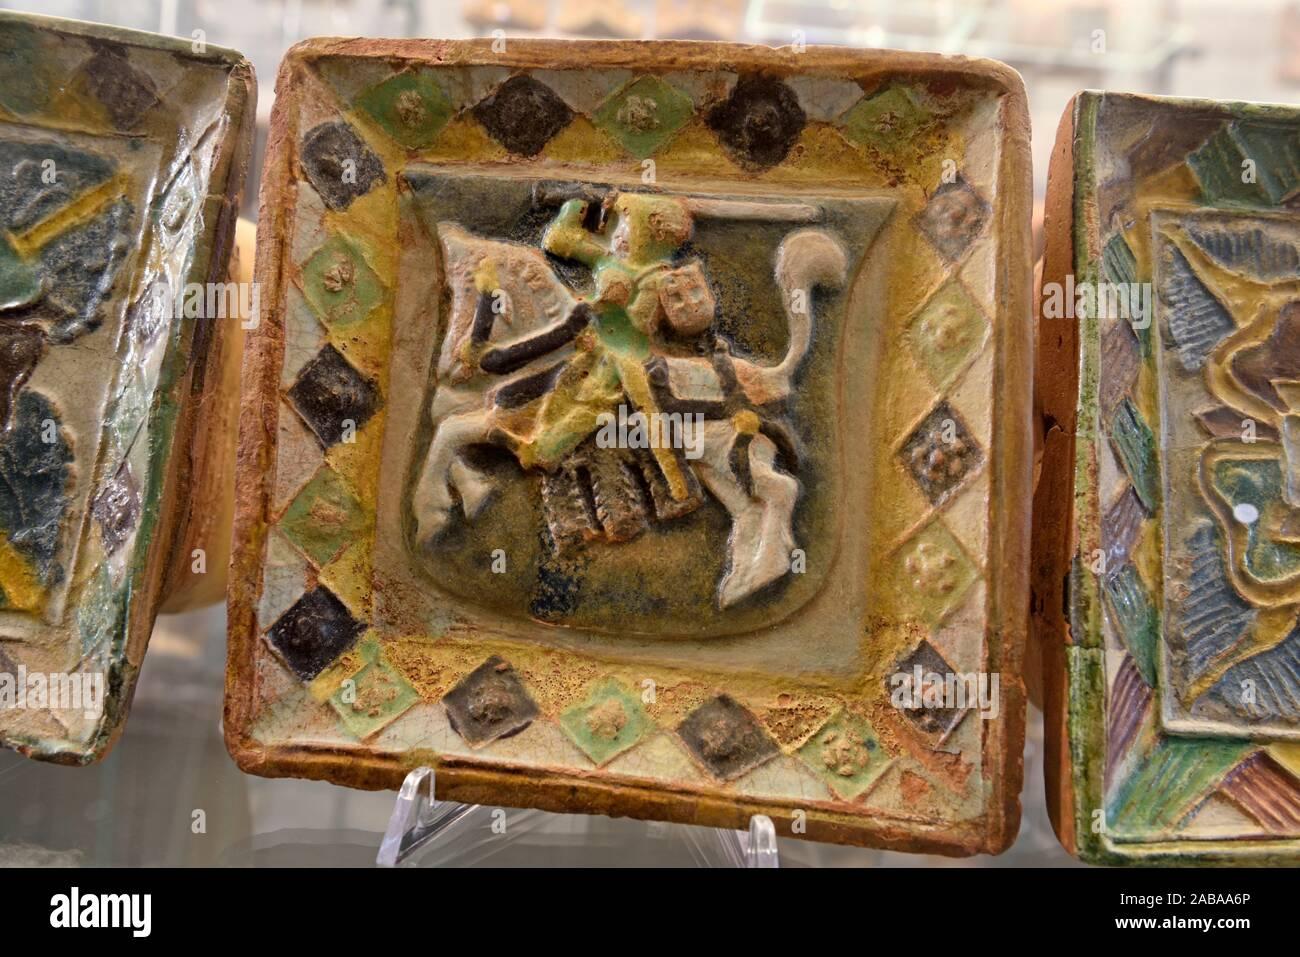 Carreau d.argile emaille avec les armoiries du Grand-Duché de Lituanie, milieu du XVIe siècle, Musée National, Palais des Grands Ducs de Lituanie, Banque D'Images